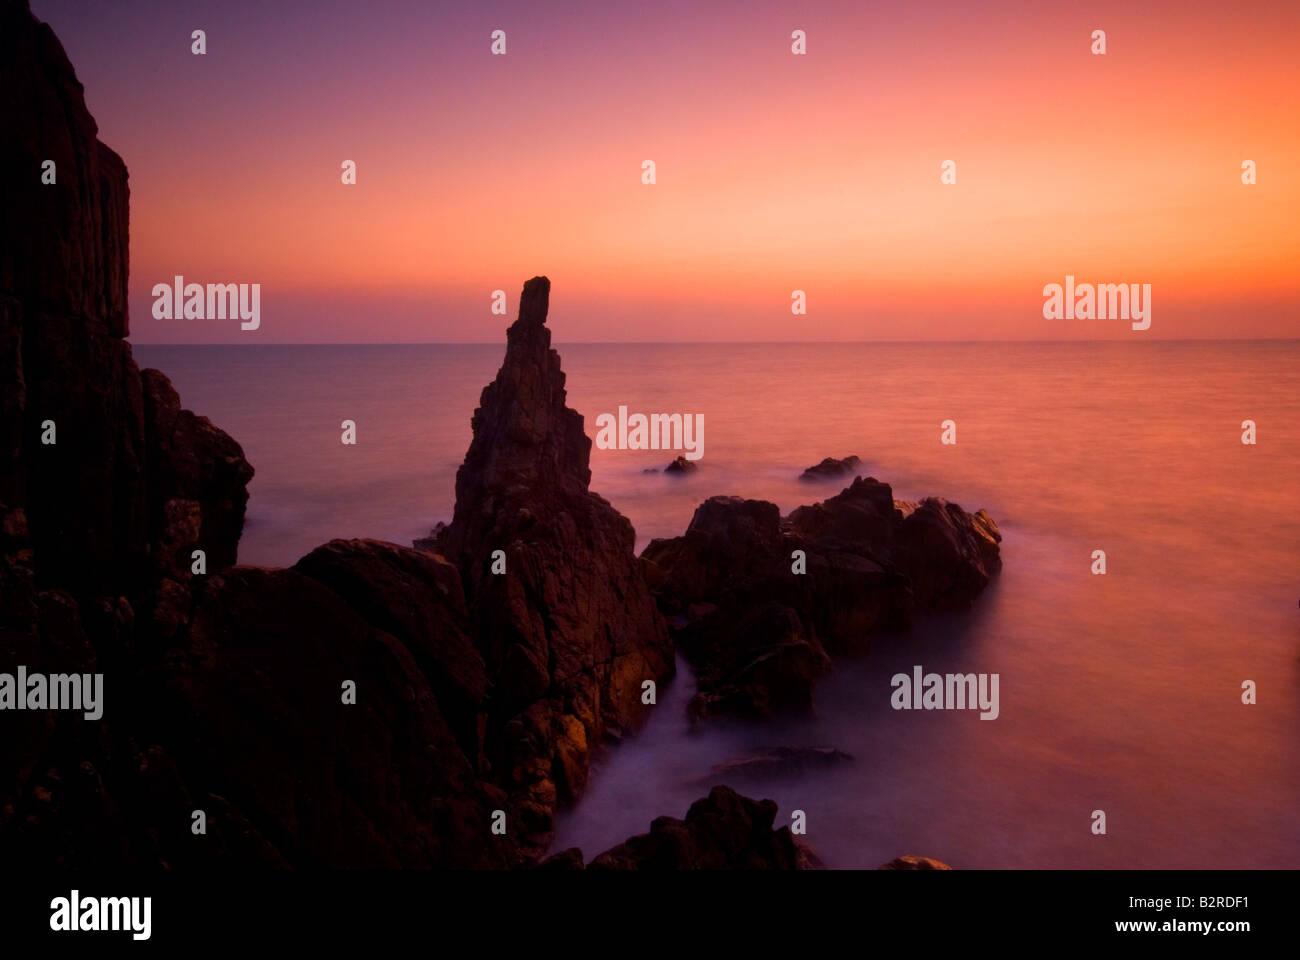 Arambol, Goa, India, Subcontinent, Asia - Stock Image